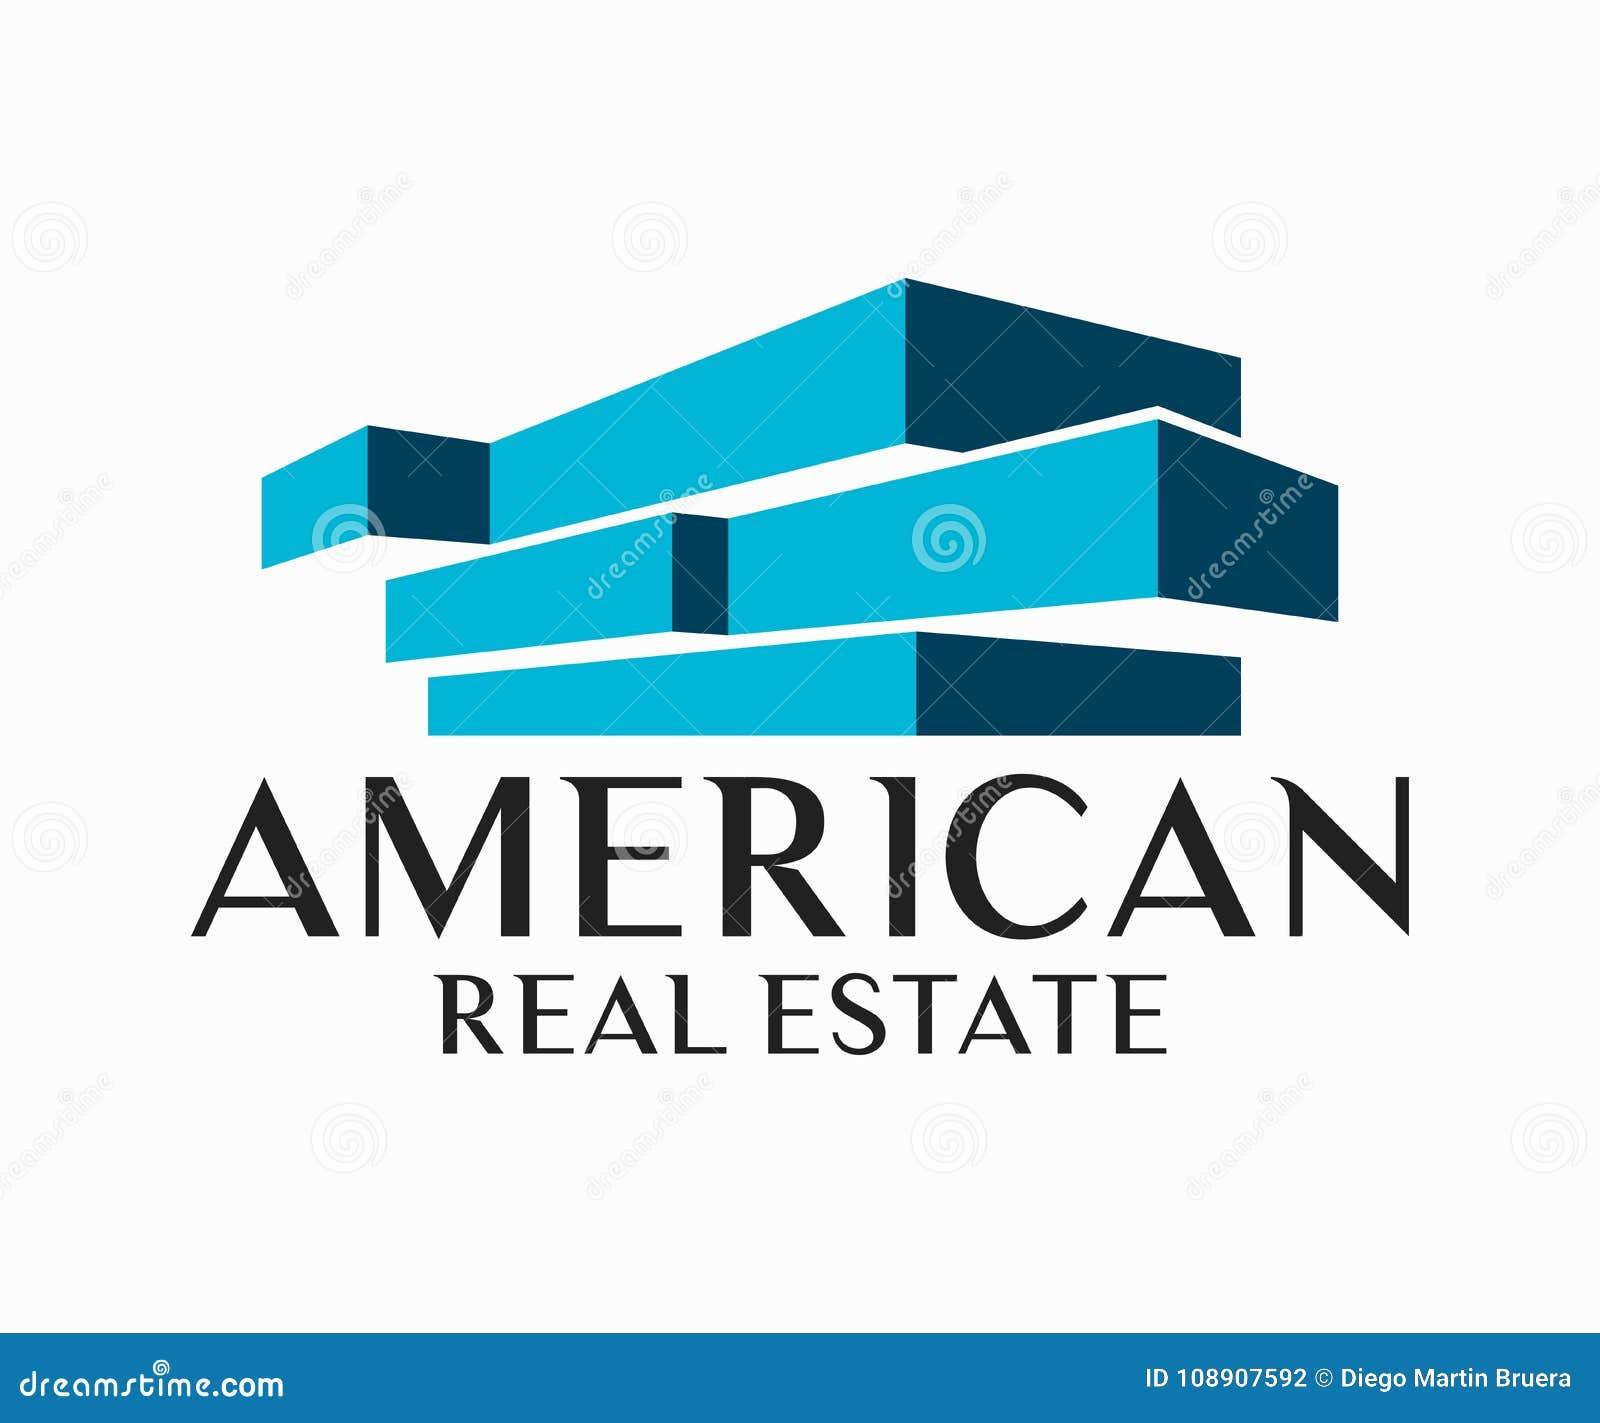 Real Estate, Gebäude, Bau und Architektur Logo Vector Design